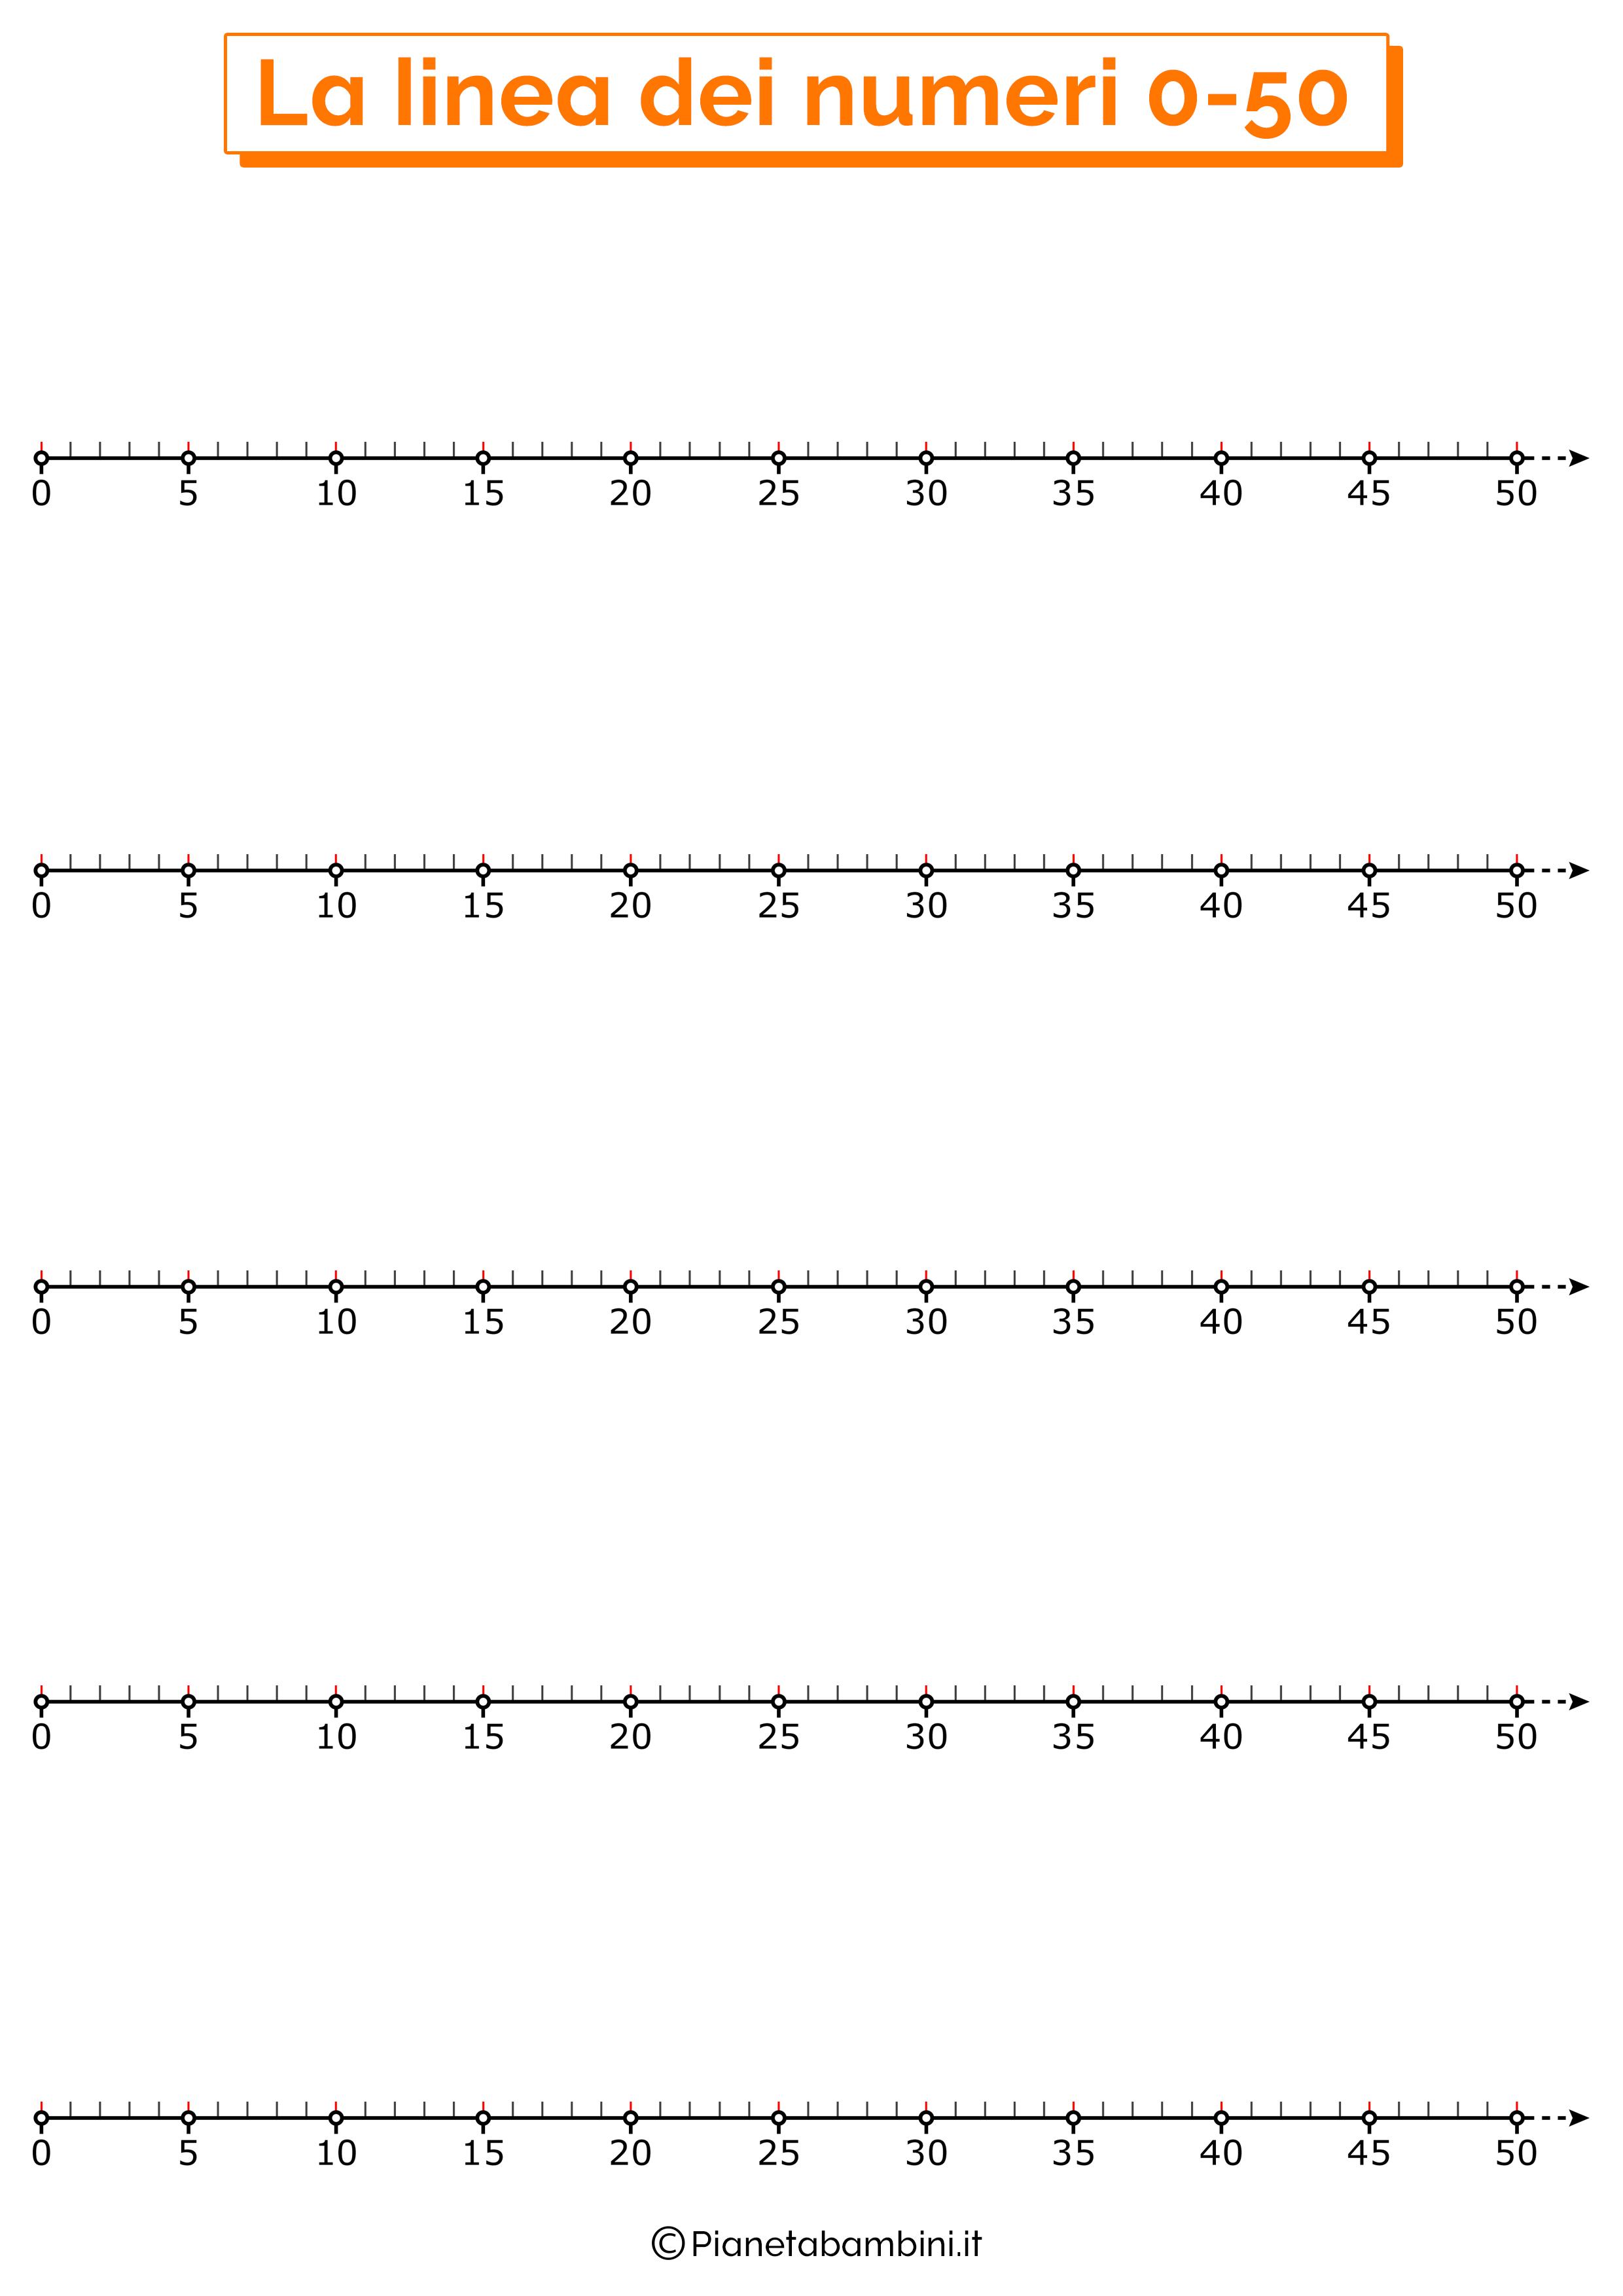 Linea dei numeri da 0 a 50 verticale